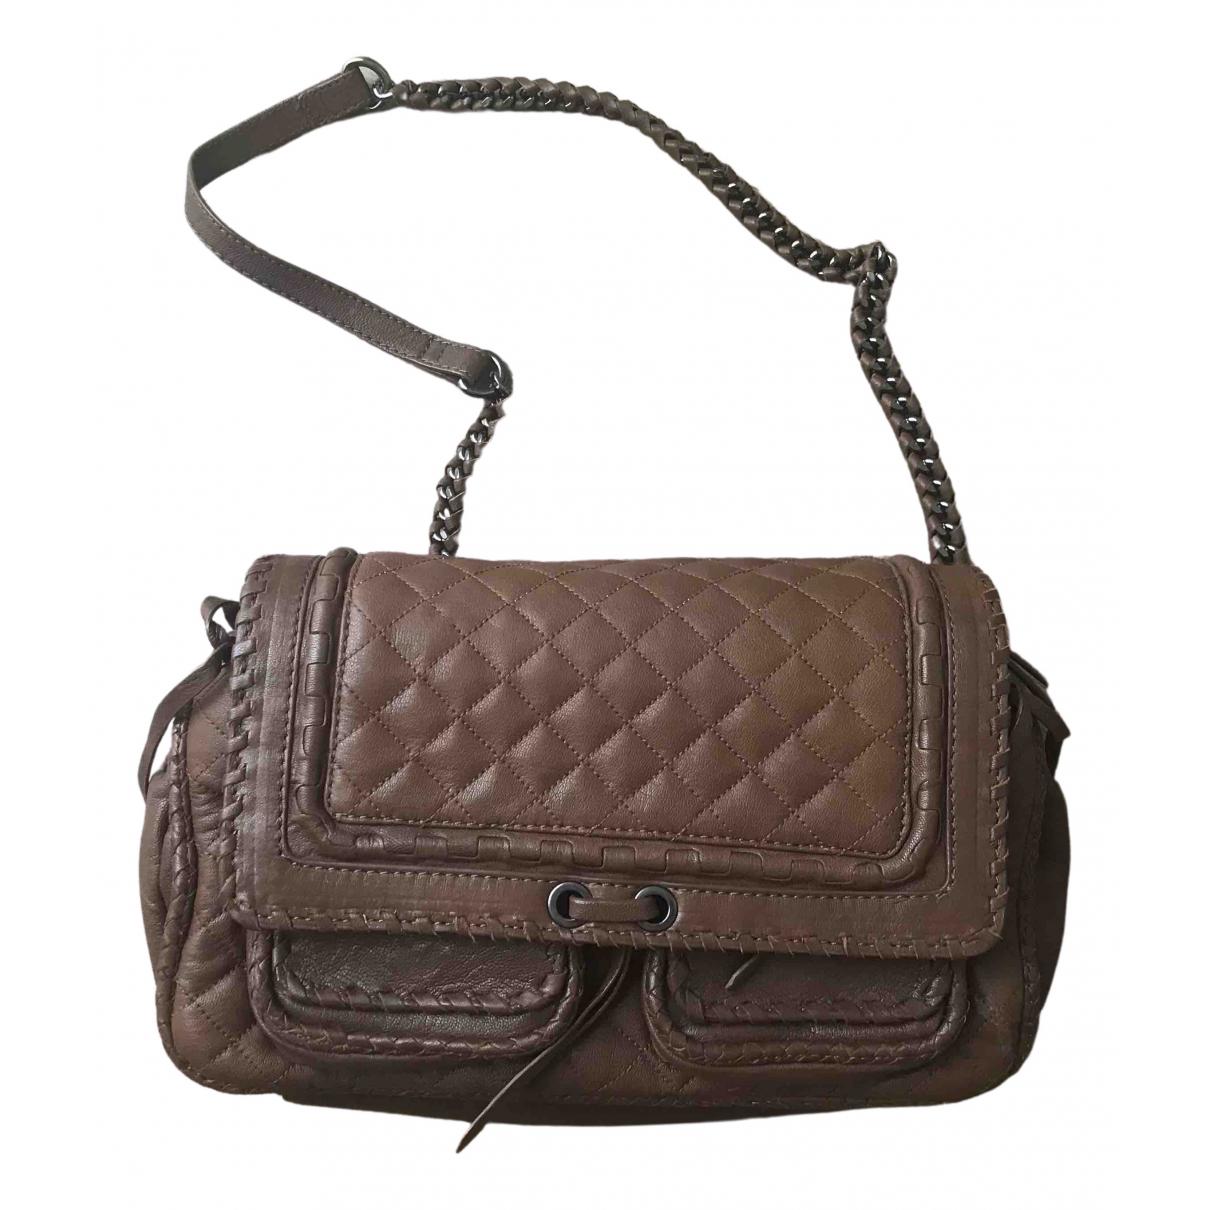 Zara N Brown Leather handbag for Women N